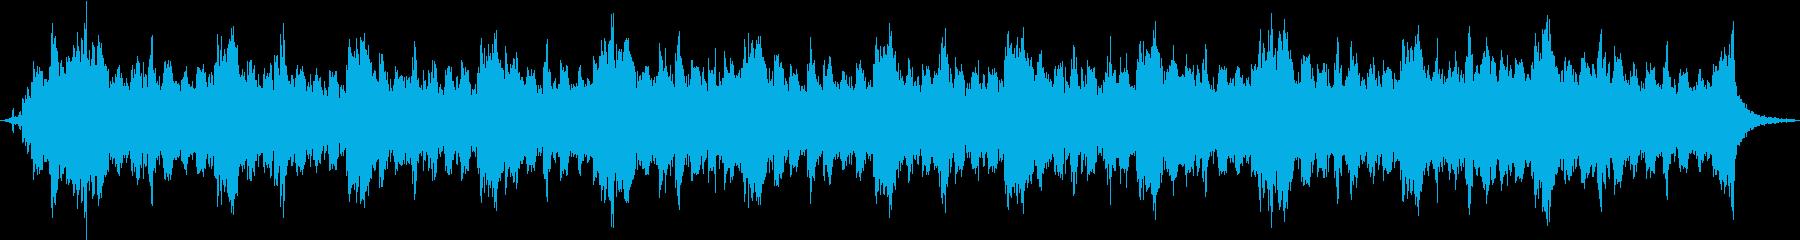 幻想的なハープ曲、ダークファンタジーの再生済みの波形